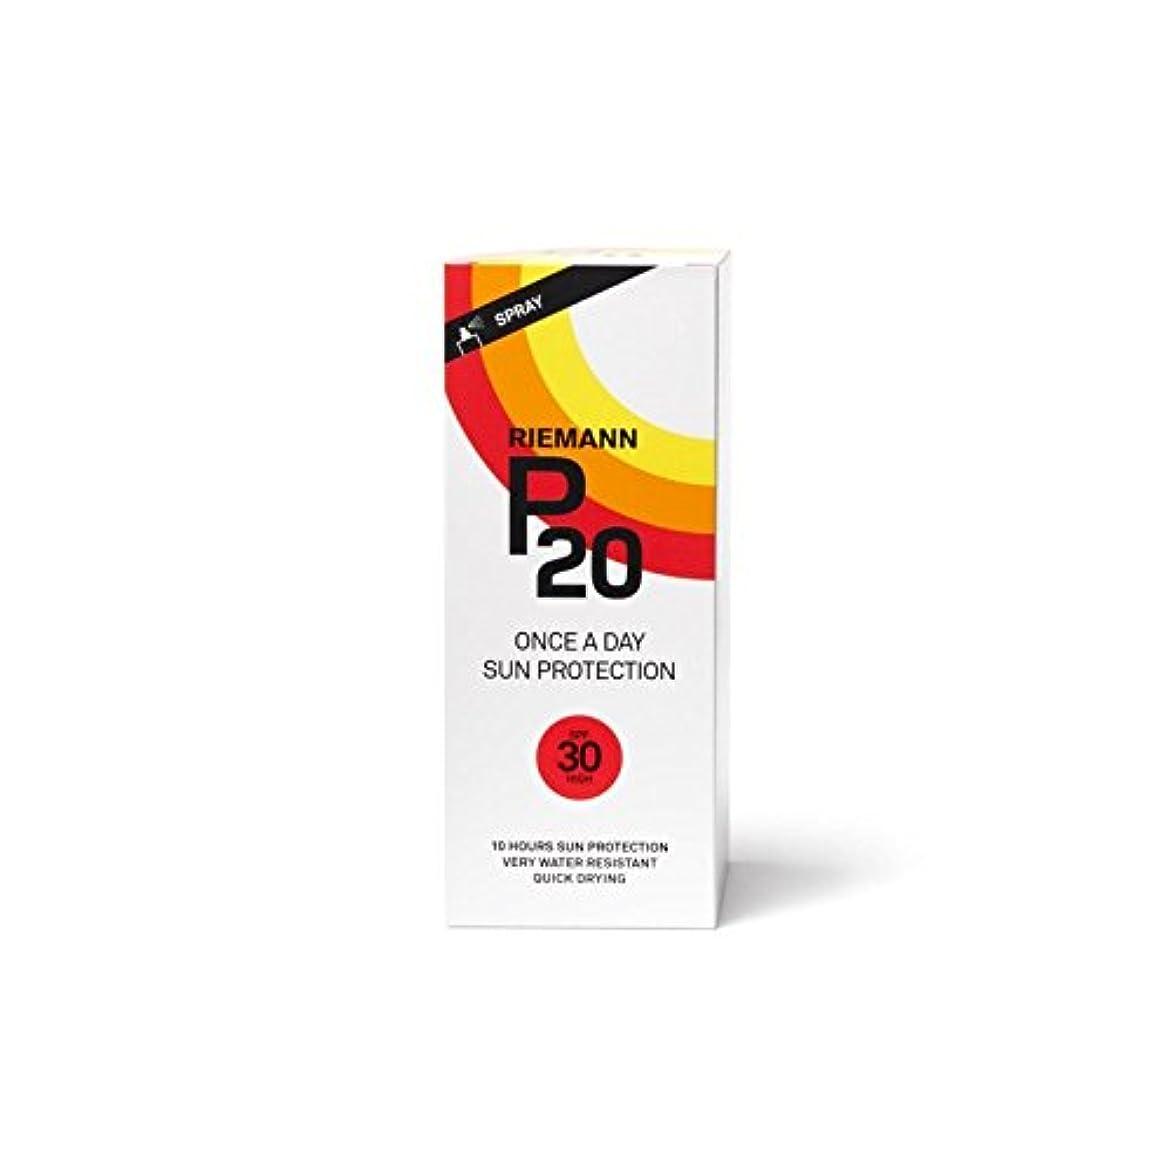 ロゴ共産主義ラボリーマン20のサンフィルター200ミリリットル30 x2 - Riemann P20 Sun Filter 200ml SPF30 (Pack of 2) [並行輸入品]